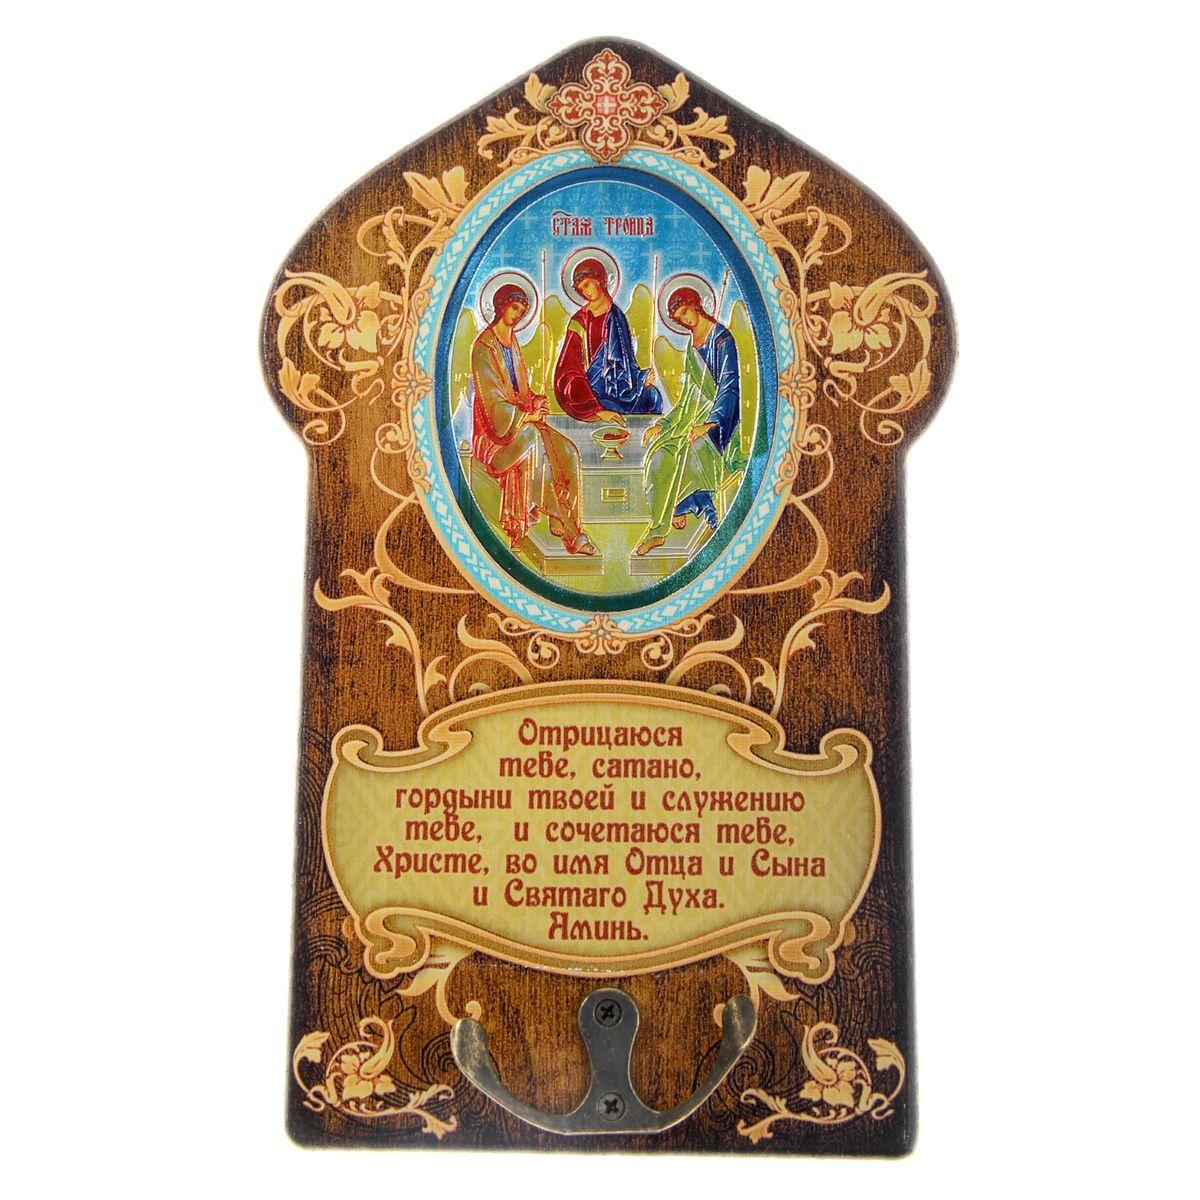 Ключница Sima-land Святая Троица, 14 х 22 см54 009312Ключница Sima-land Святая Троица с металлическими крючками, выполнена из качественного дерева. Изделие оформлено фольгированной иконой и молитвой. Икона полностью соответствует канонам Русской Православной Церкви. На обратной стороне ключницы имеется металлический подвес, за который ее удобно вешать на стену. Такая ключница будет достойным подарком с глубоким смыслом. Размер ключницы: 14 см х 22 см х 1 см.